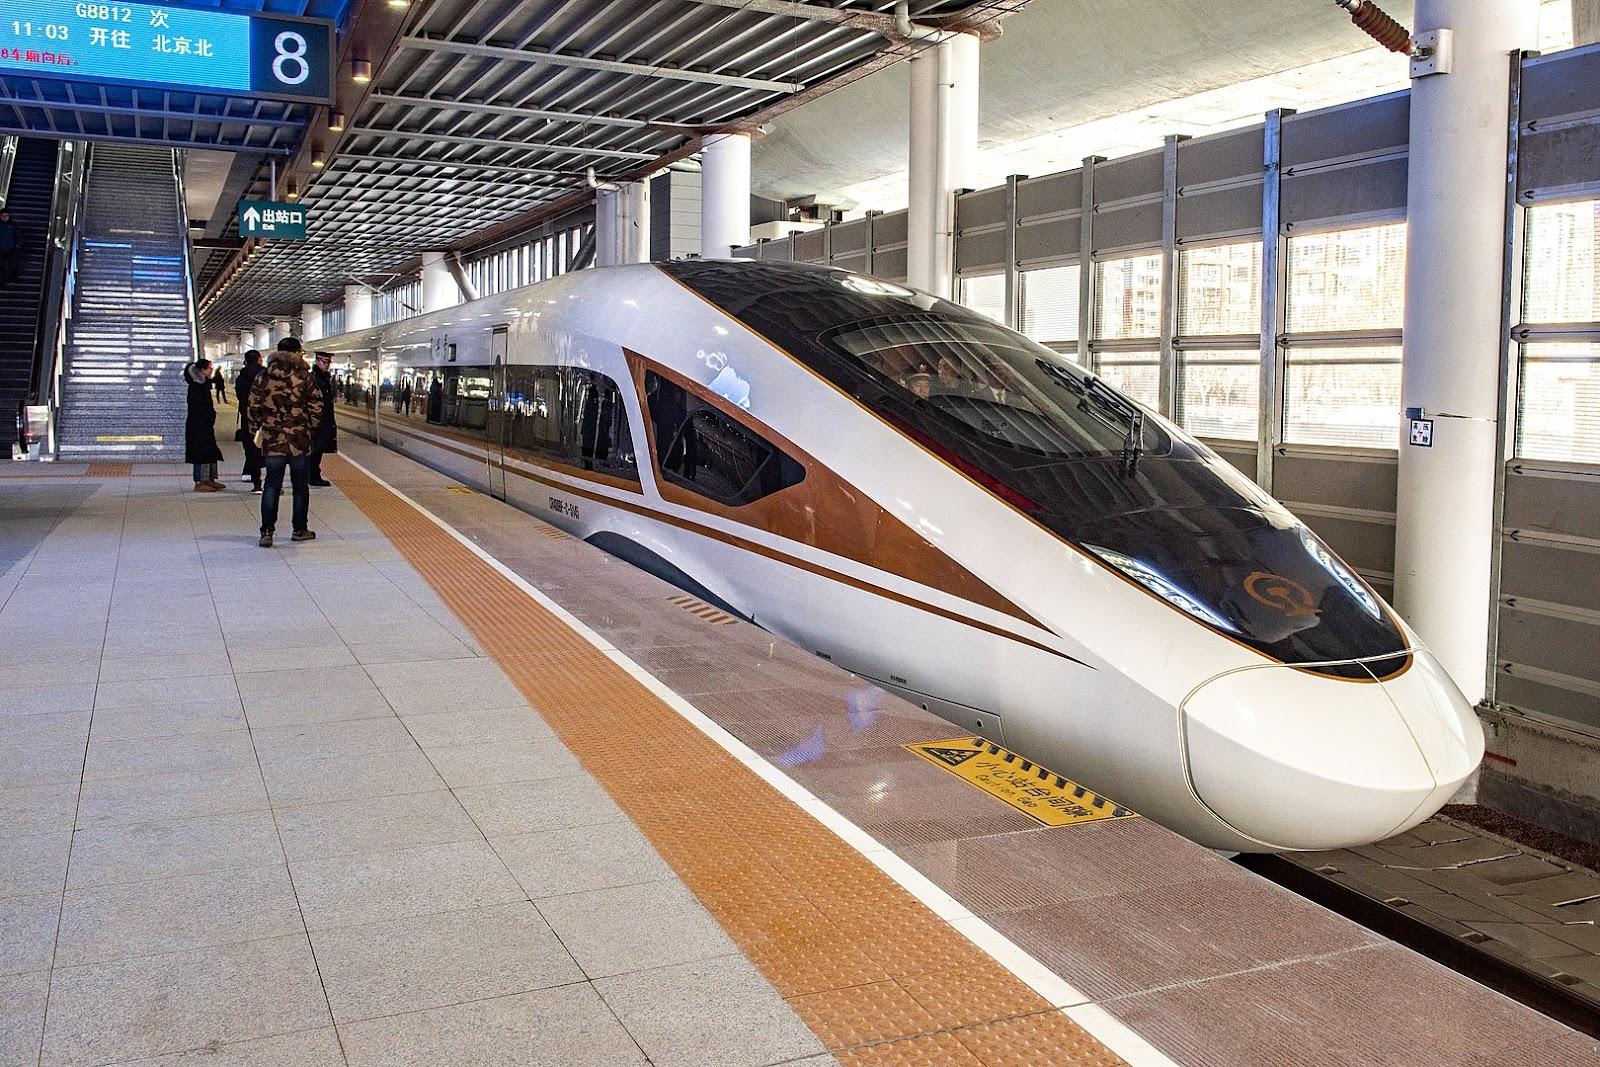 Os modelos da série Fuxing, desenvolvidos pela China, alcançam 350 km/h. (Fonte: Wikimedia Commons)